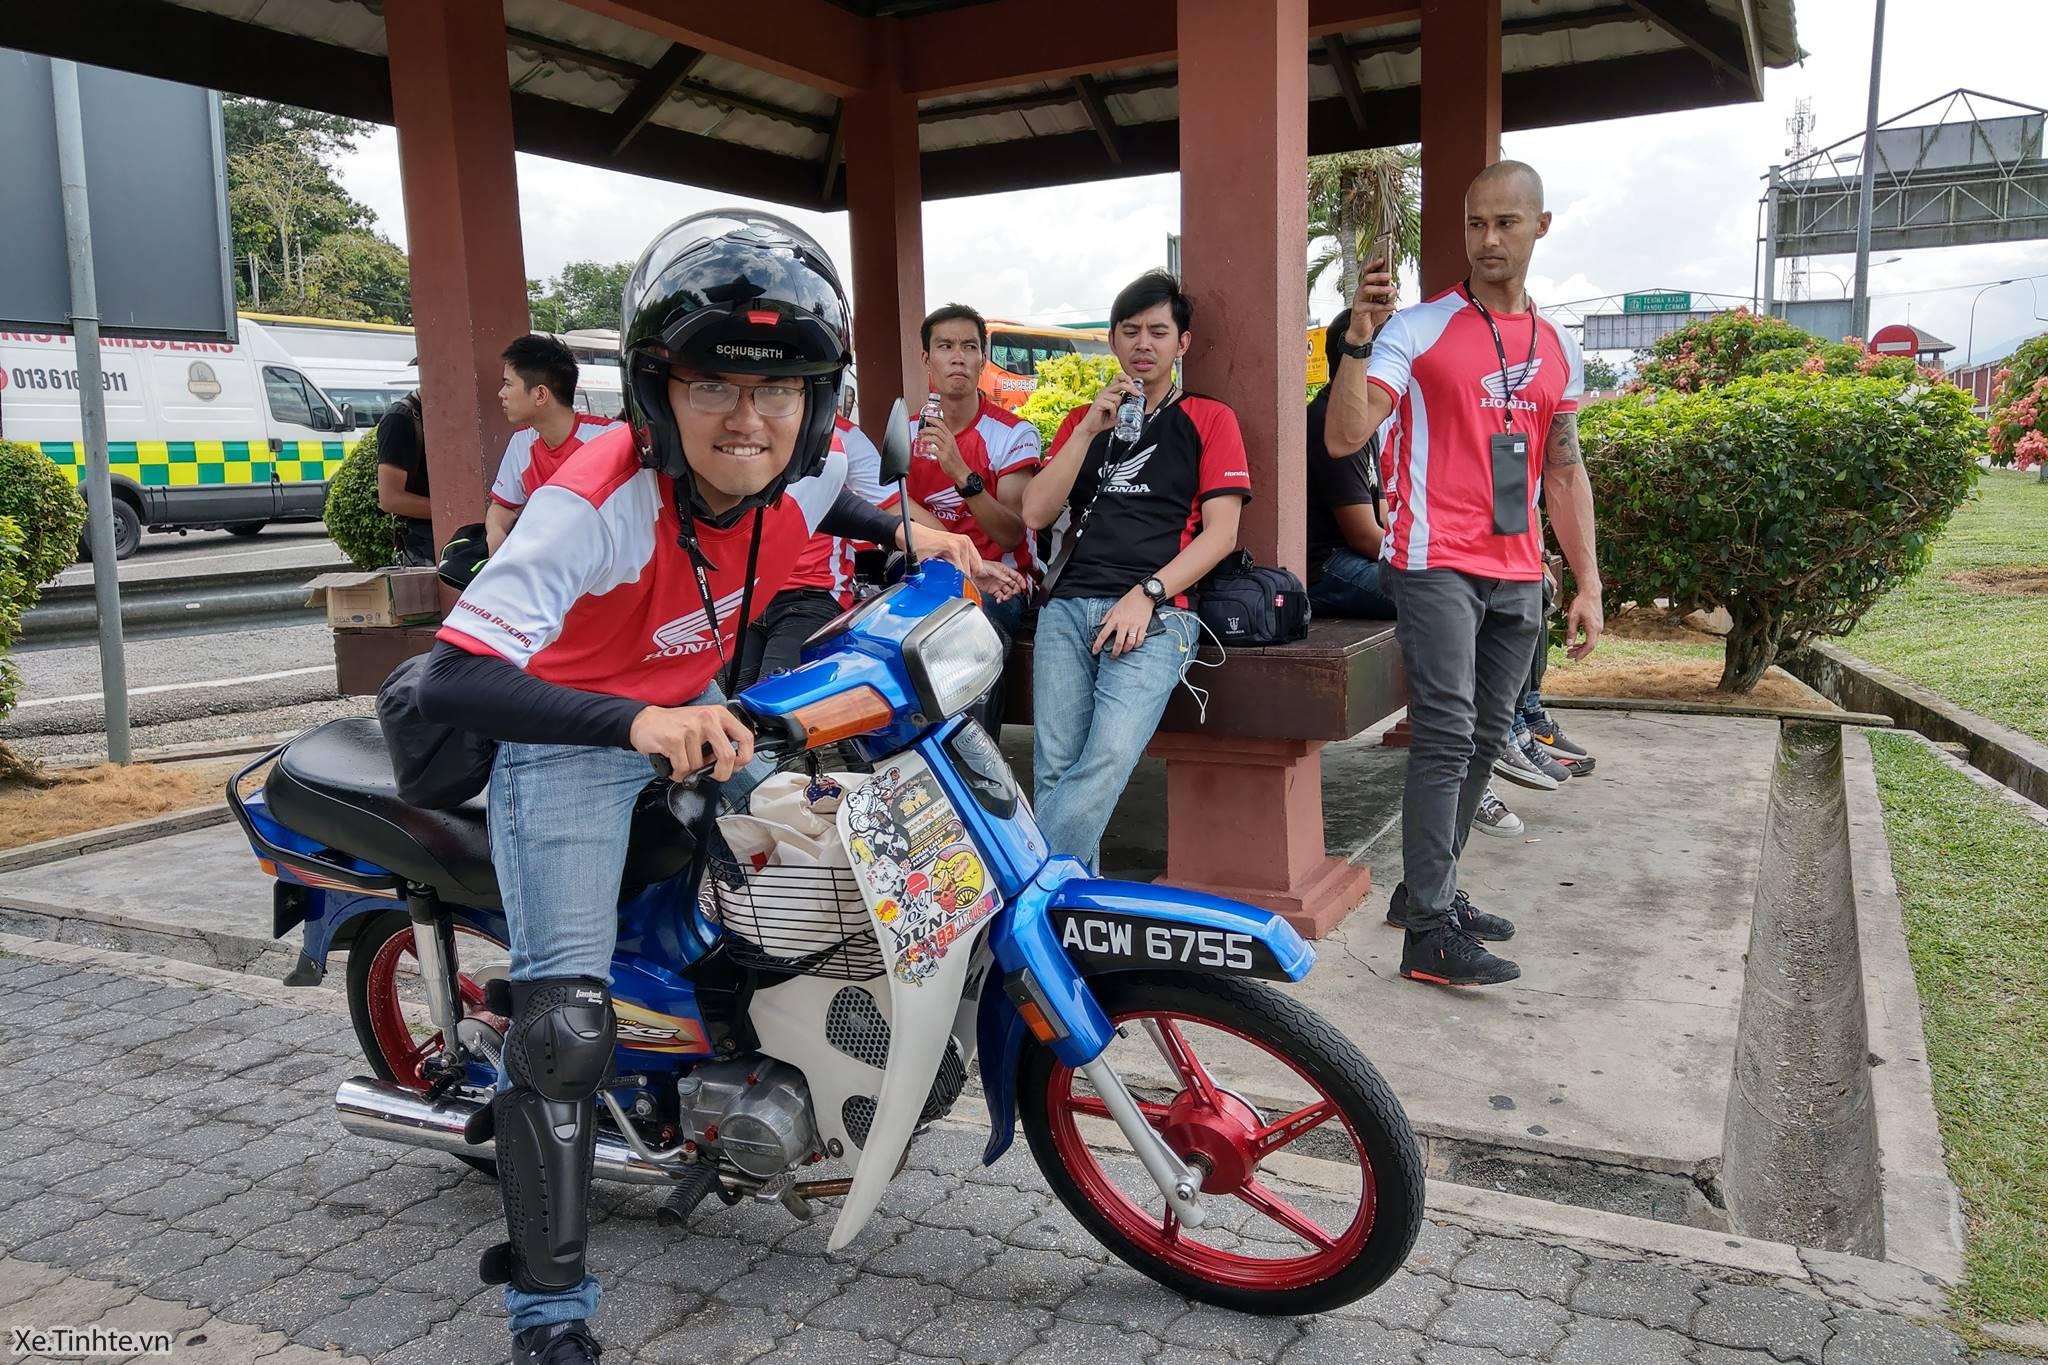 Honda_Asian_Journey_2018_Xe_Tinhte_IMAG0415.jpg